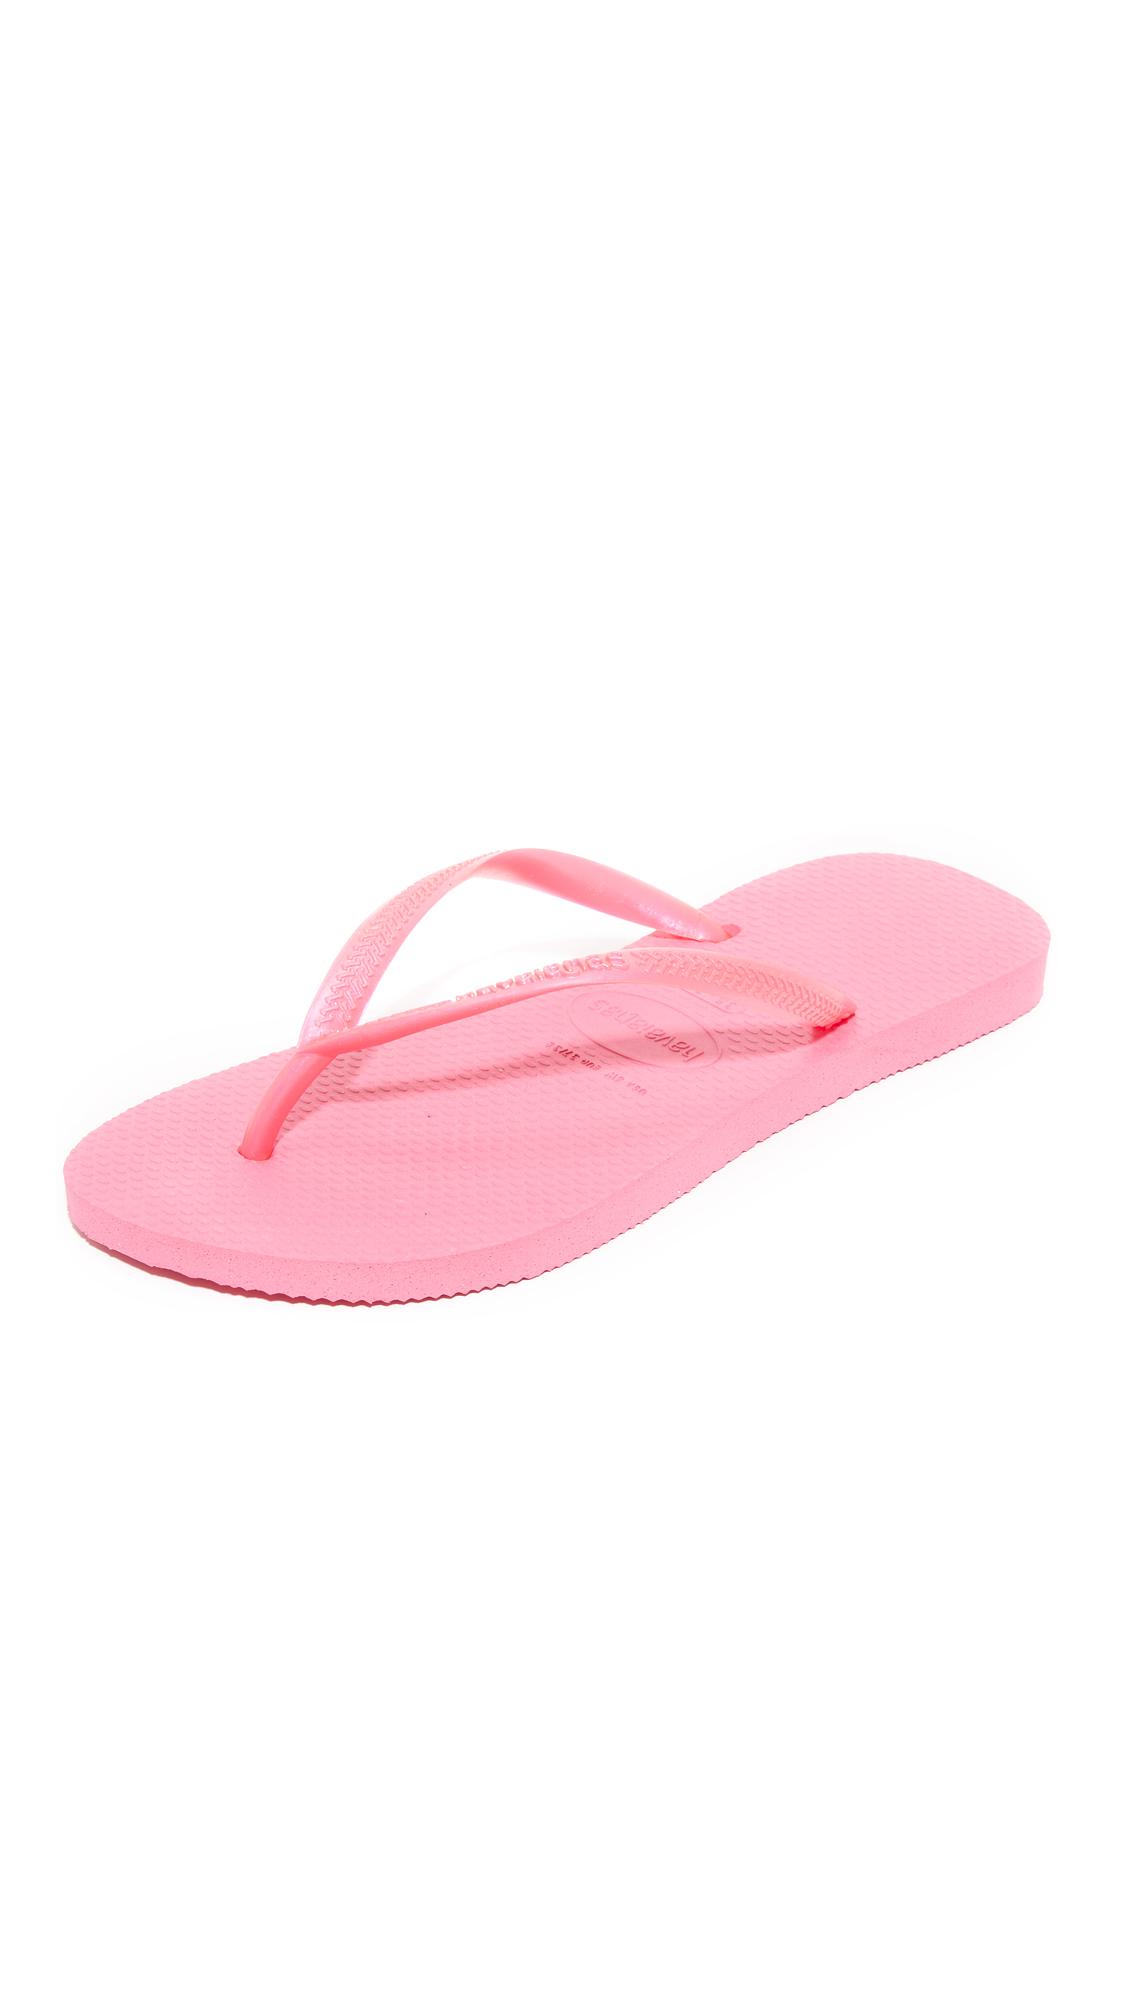 Havaianas Slim Flip Flops - Shocking Pink at Shopbop